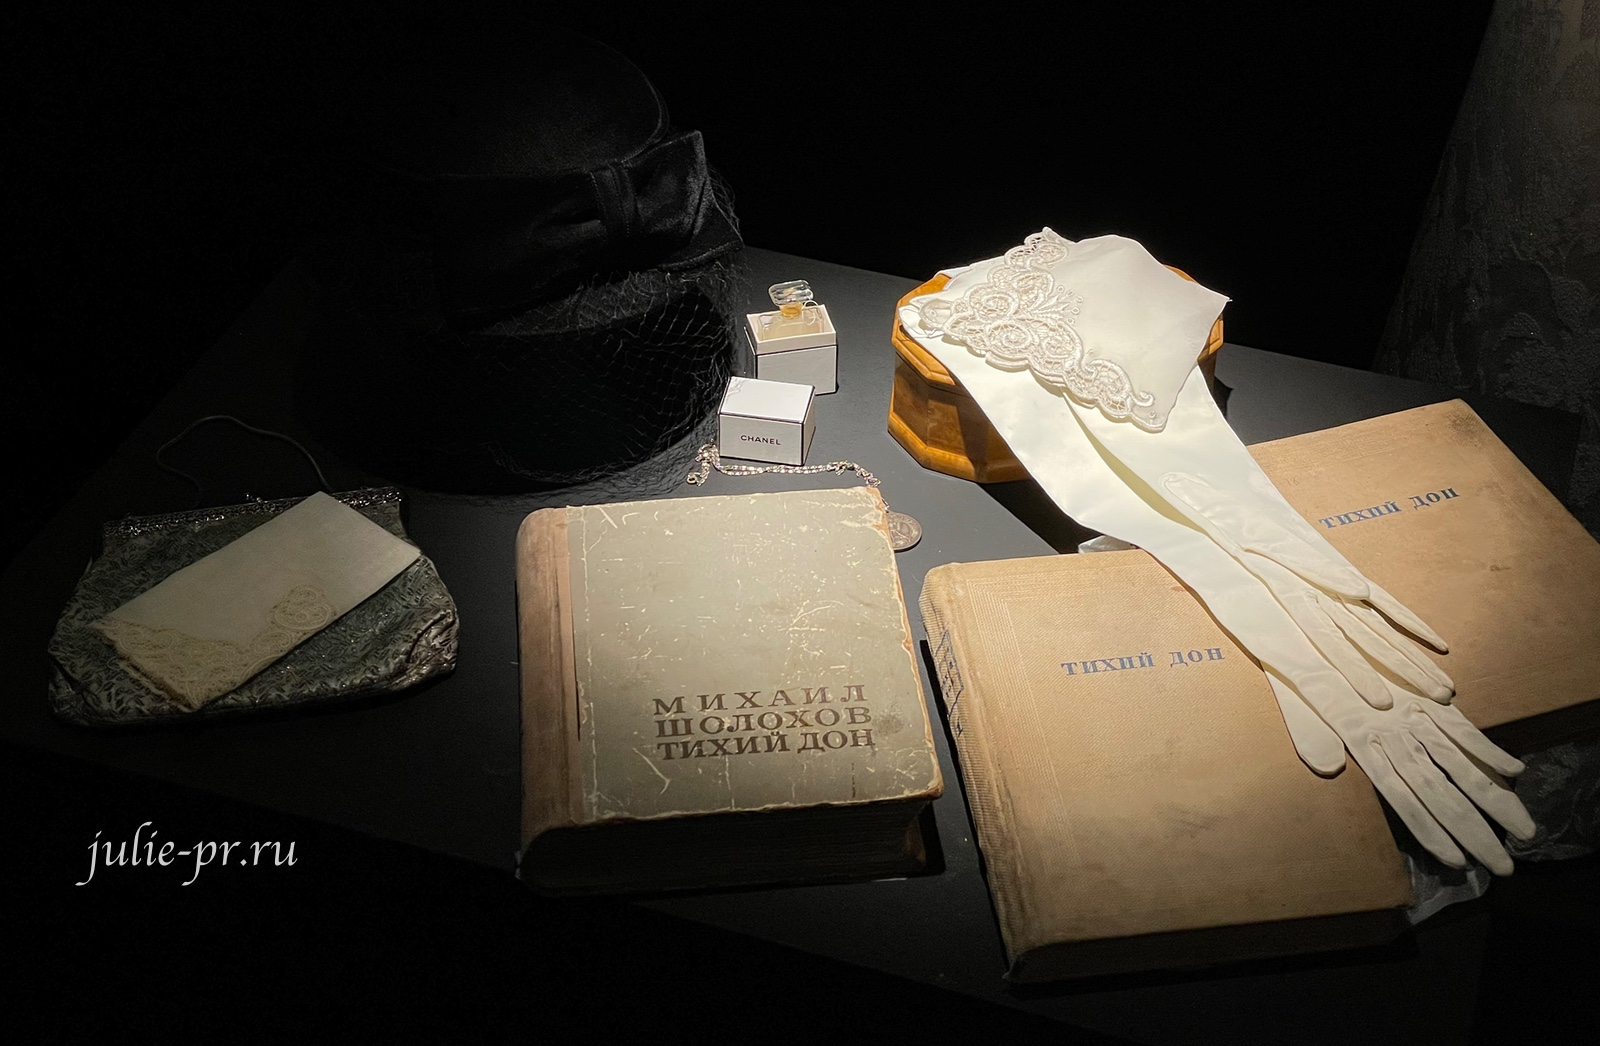 Дамские перчатки и носовые платочки из музея М.А. Шолохова